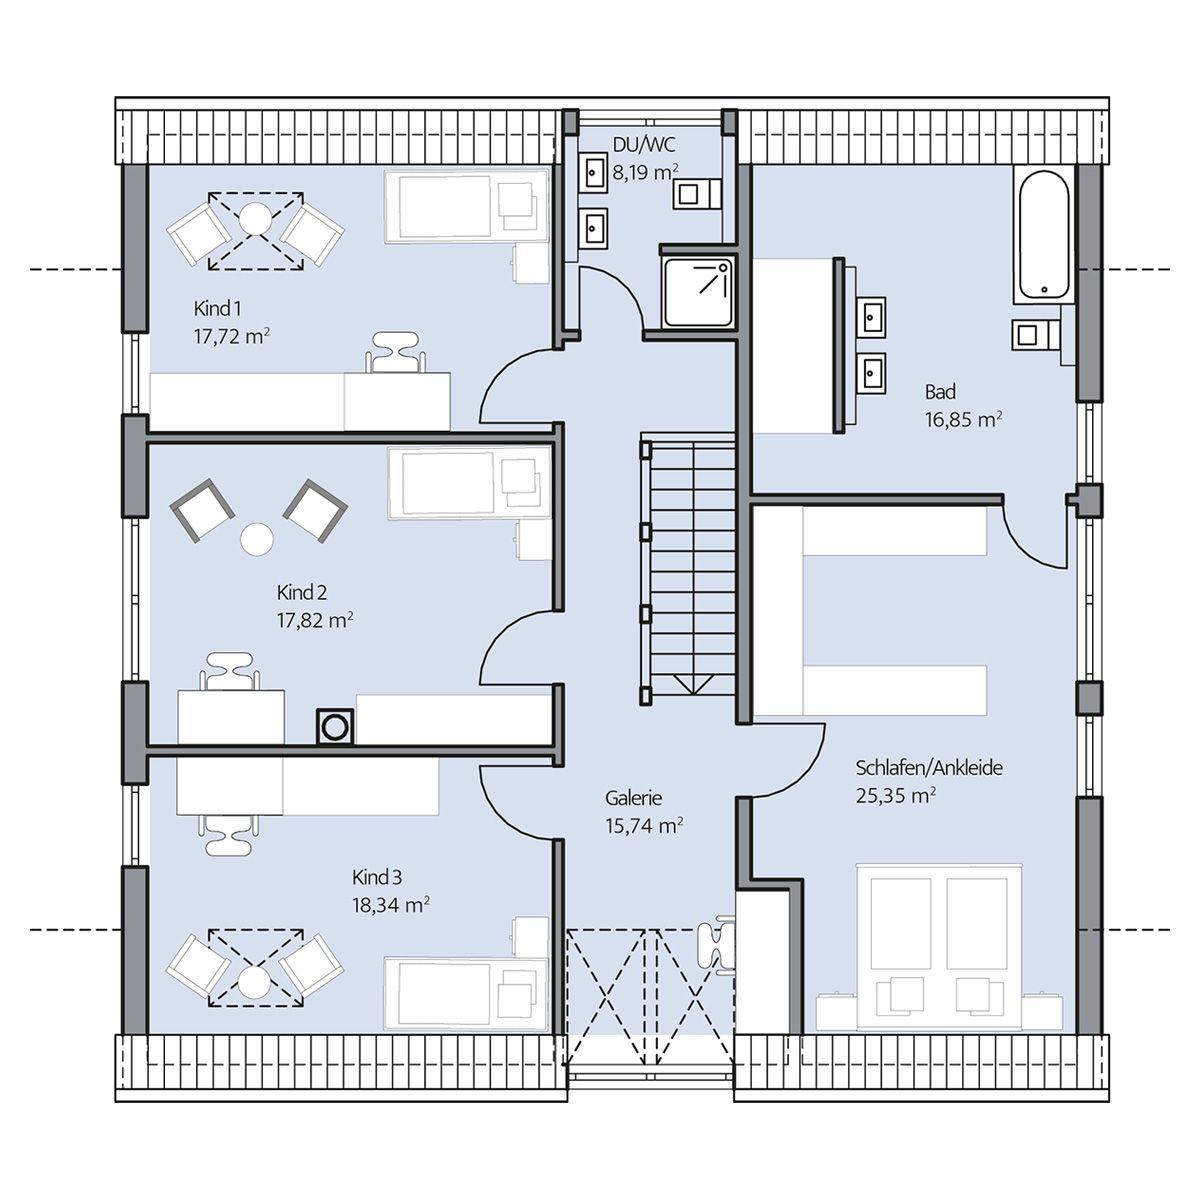 pin von bestrice luedtke auf bauen grundrisse in 2018 pinterest haus haus bauen und. Black Bedroom Furniture Sets. Home Design Ideas